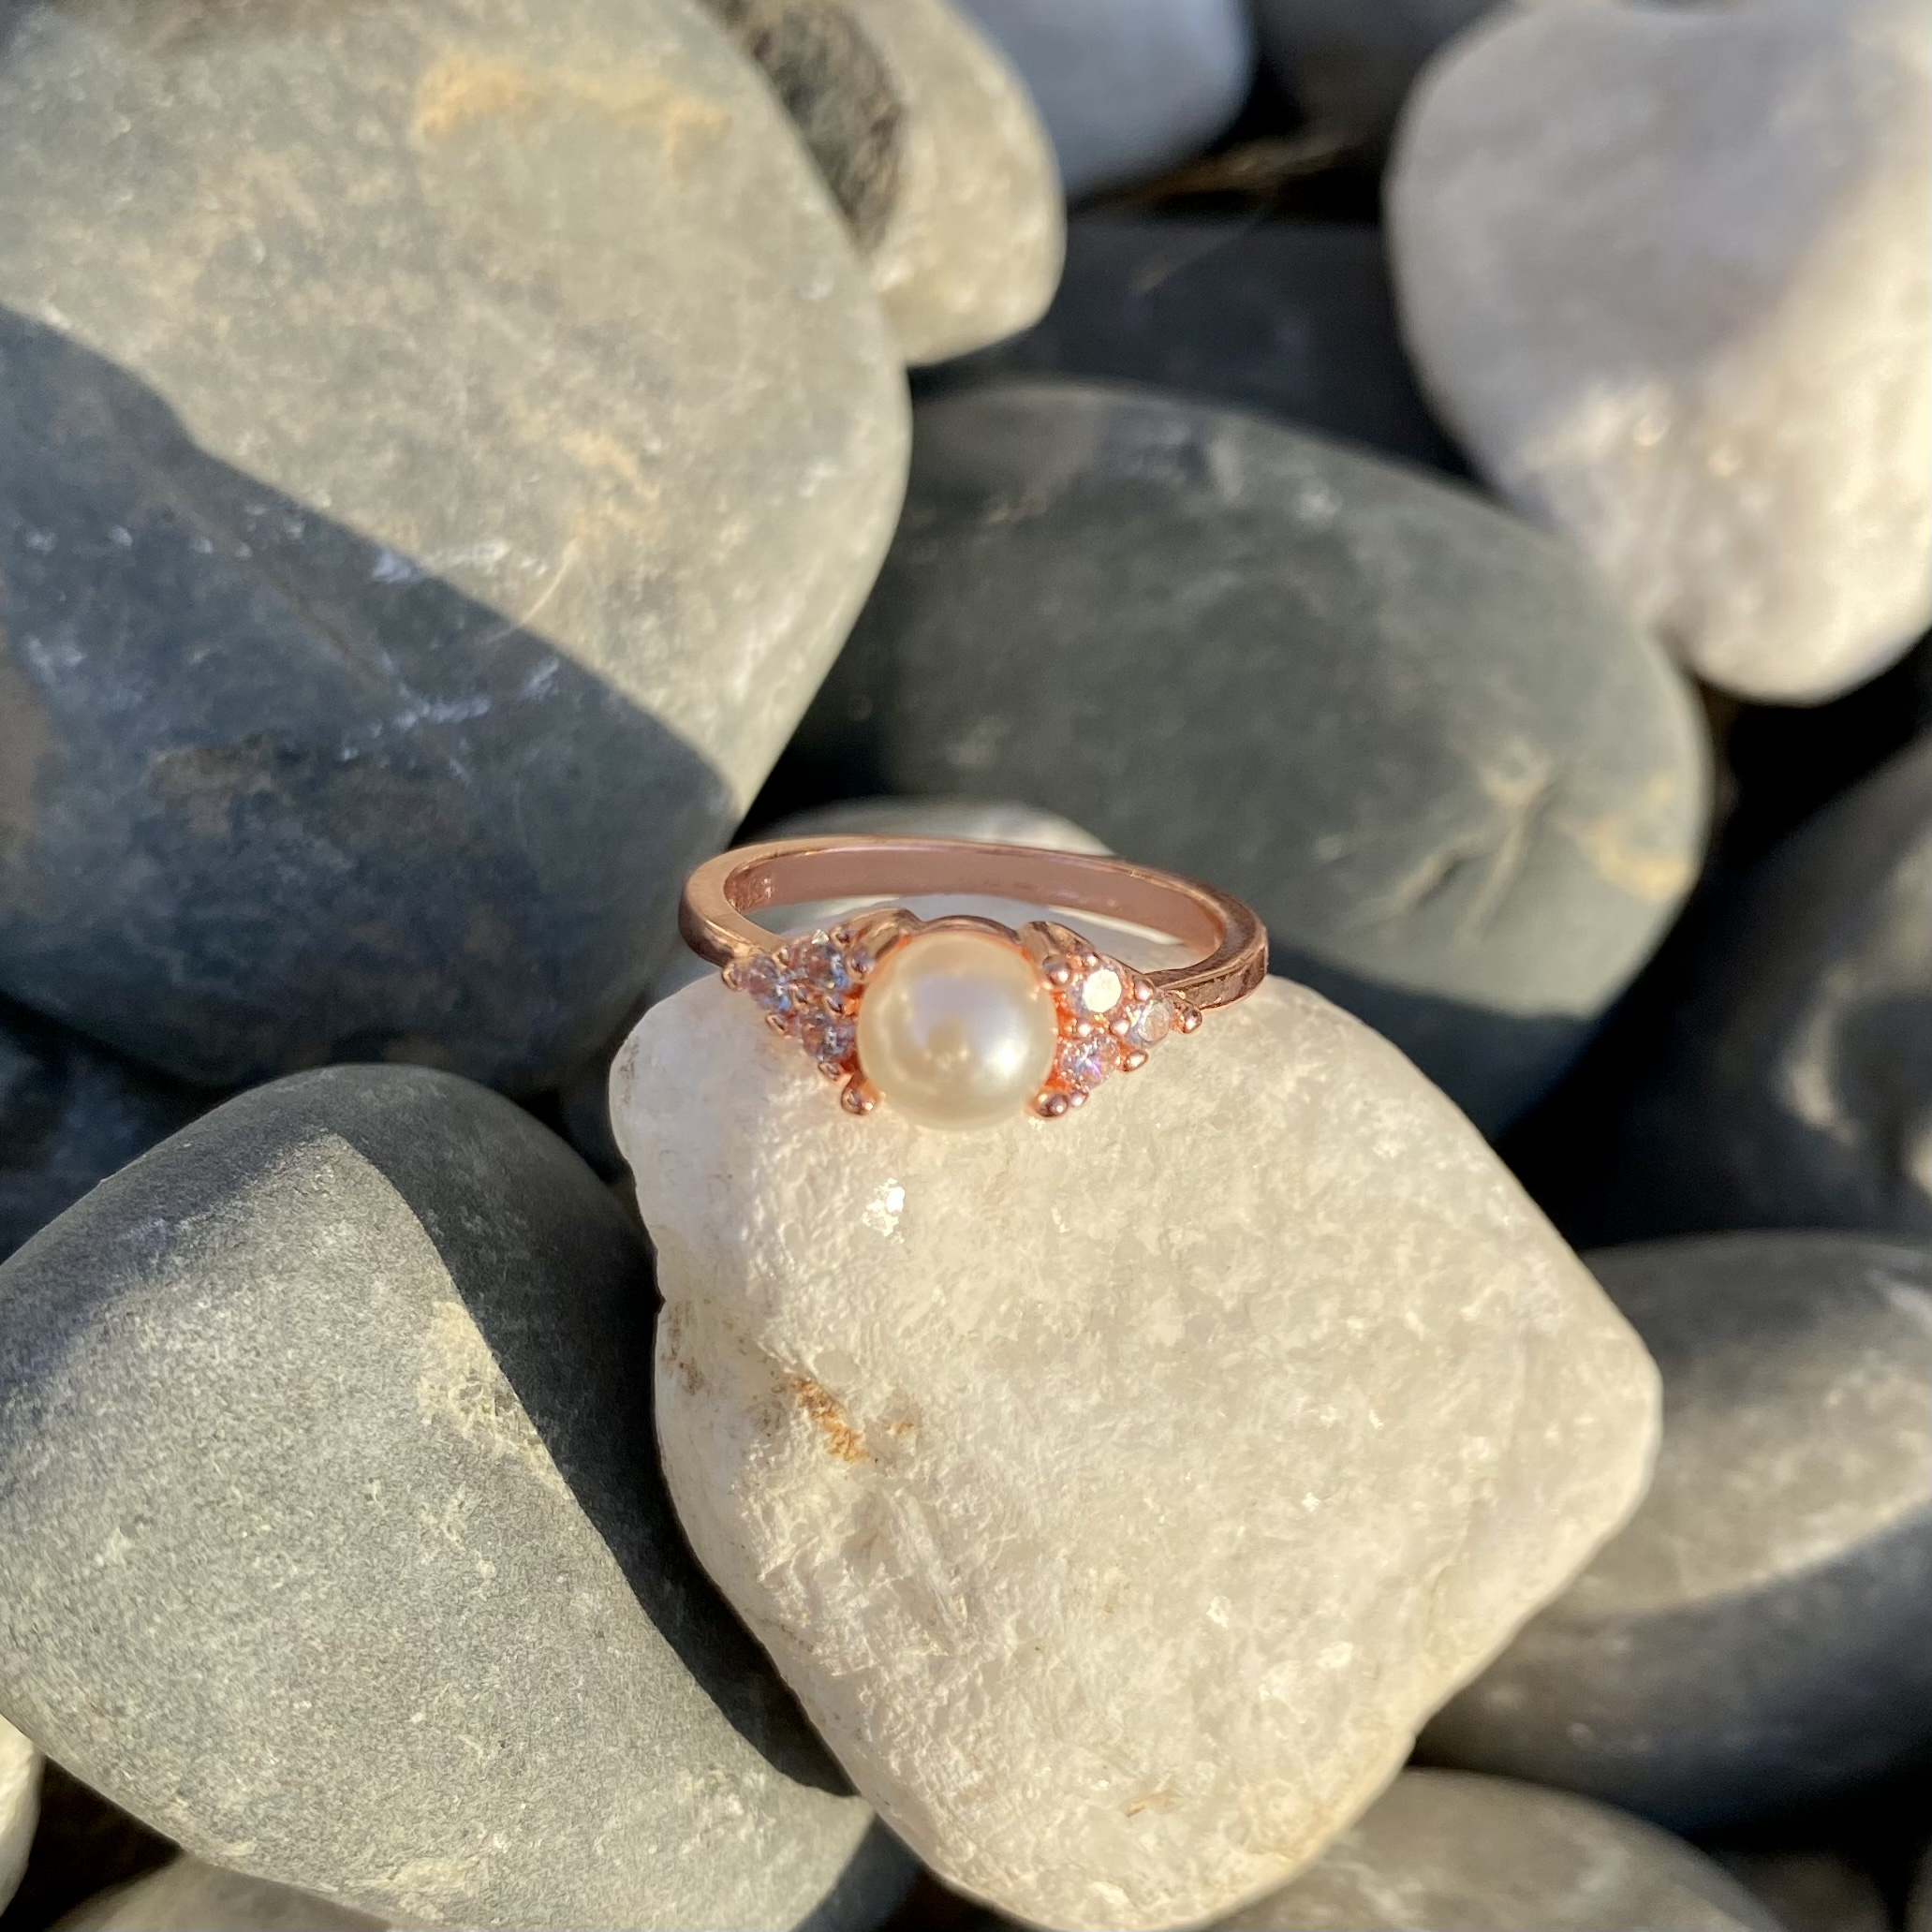 Love n pearls silver ring